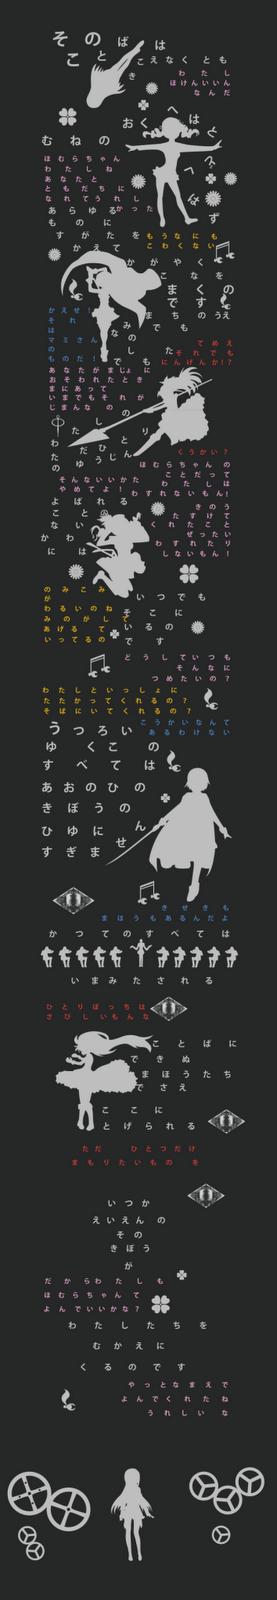 劇場版「魔法少女まどか☆マギカ」エンドロールの魔女文字が解読「もう何も恐くない」